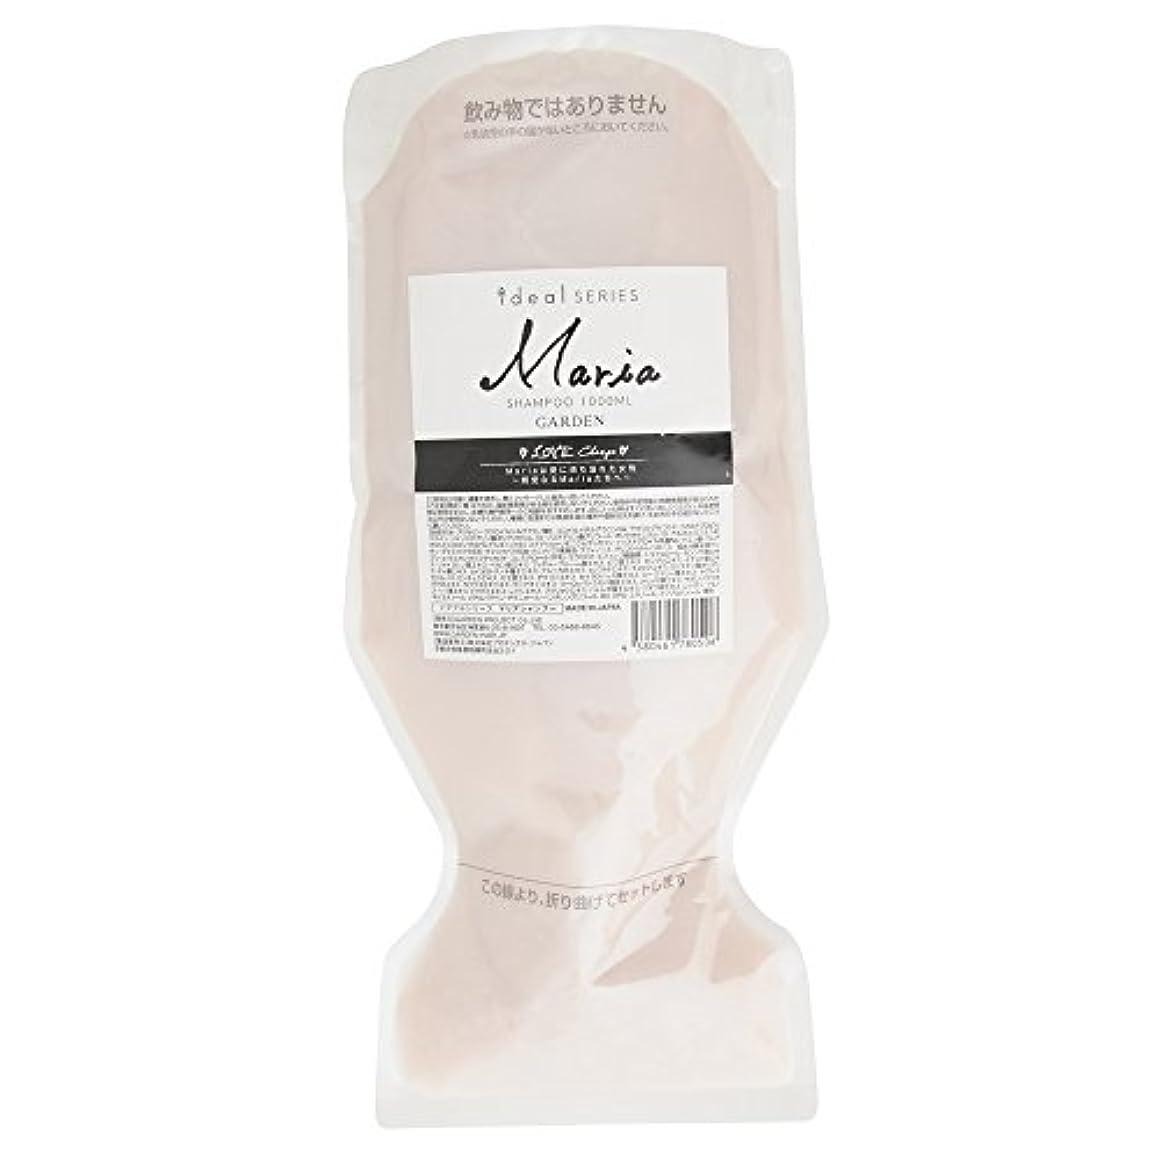 甥チョコレート発明するMariaシャンプー 1L 業務サイズ